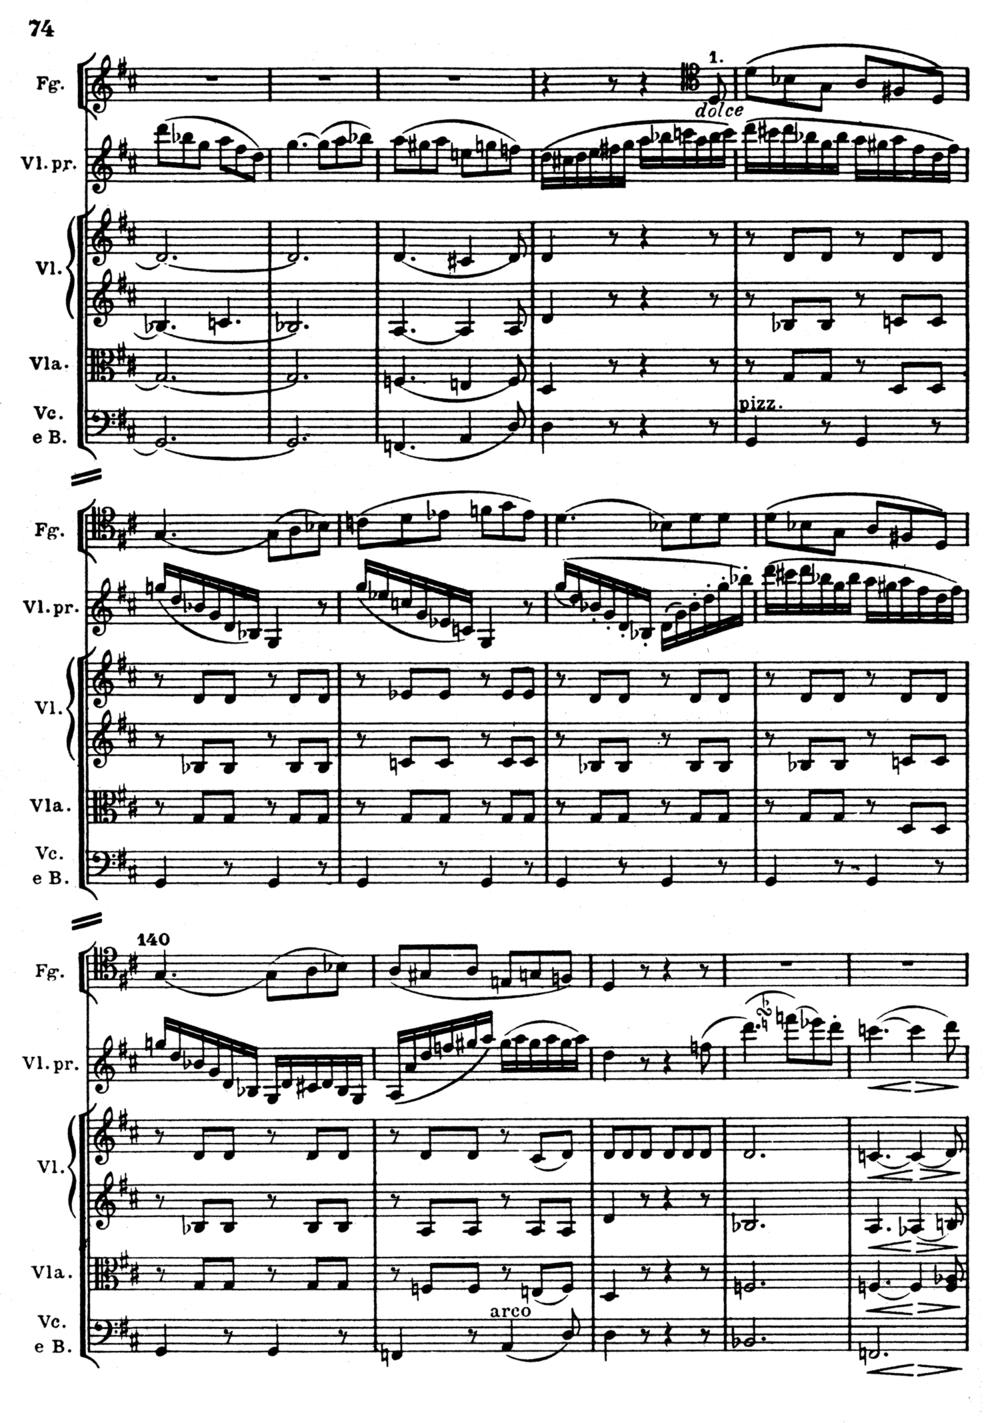 Beethoven Violin Score 4.jpg